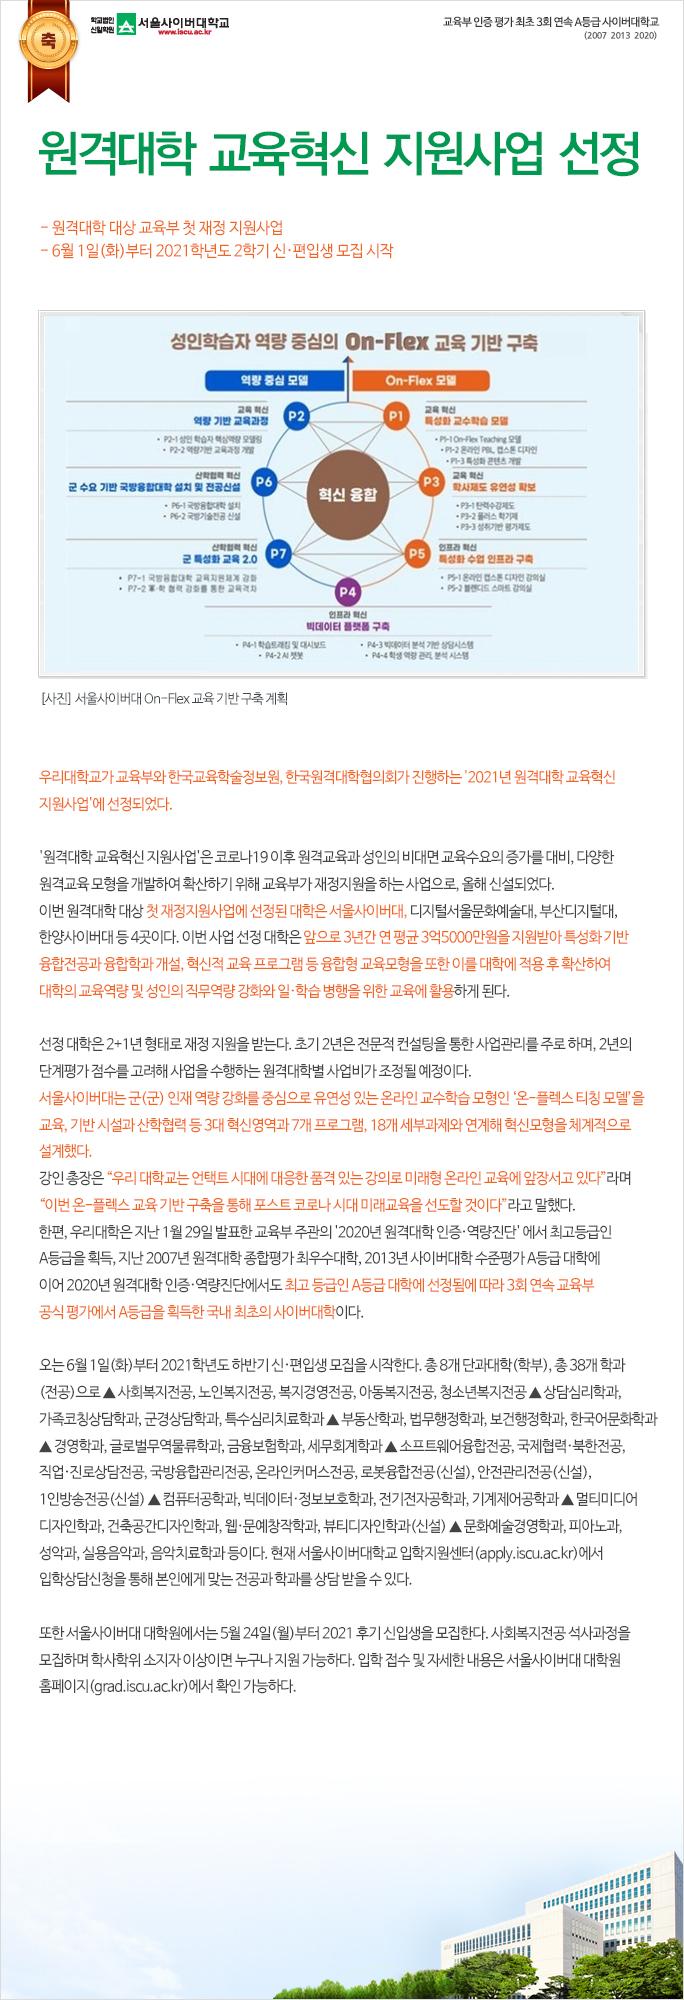 서울사이버대학교 원격대학 교육혁신 지원사업 선정(이미지용약내용 다음참조)